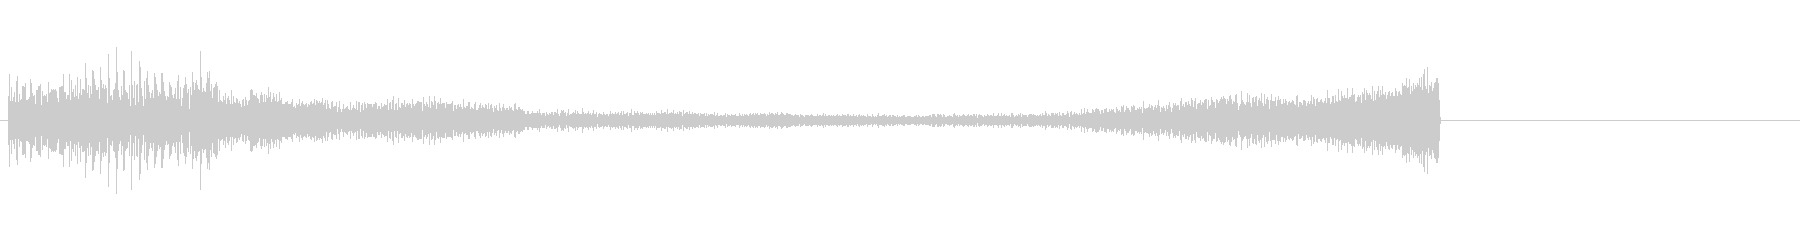 緊張感が残るピアノのジングルCの未再生の波形